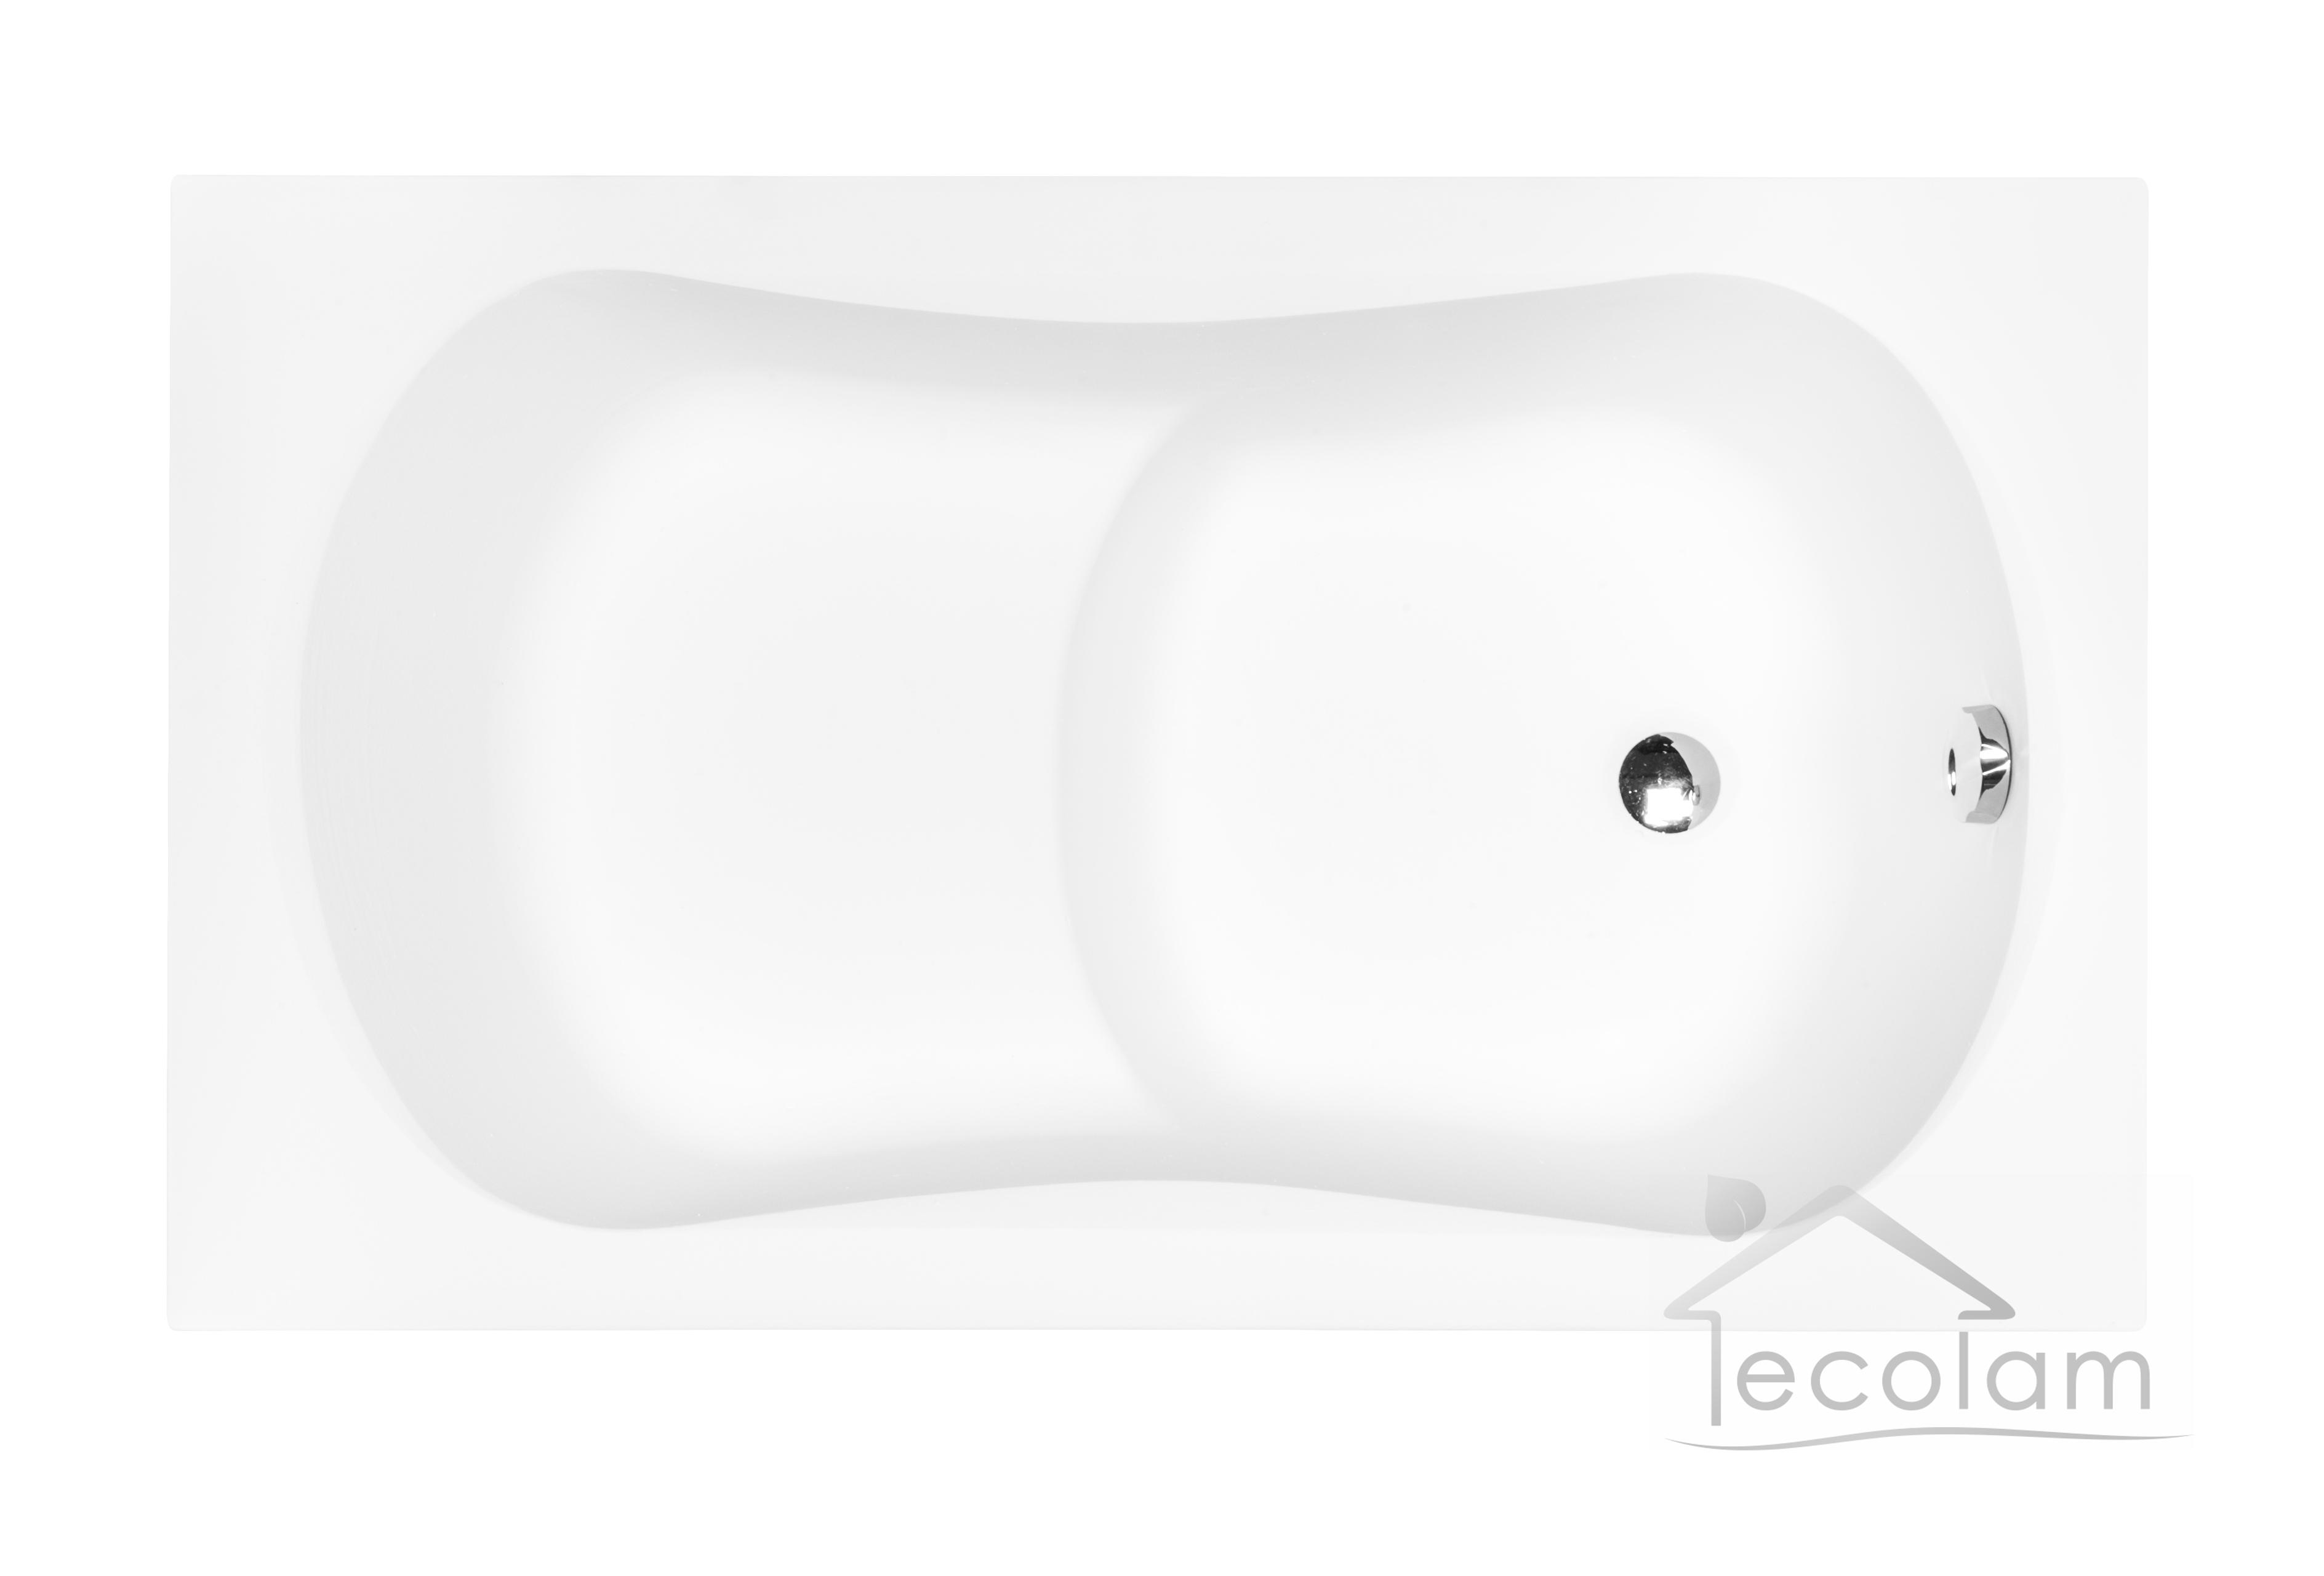 badewanne wanne rechteck sitzbadewanne mini mit sitz 120 x 70 cm ablauf acryl ebay. Black Bedroom Furniture Sets. Home Design Ideas